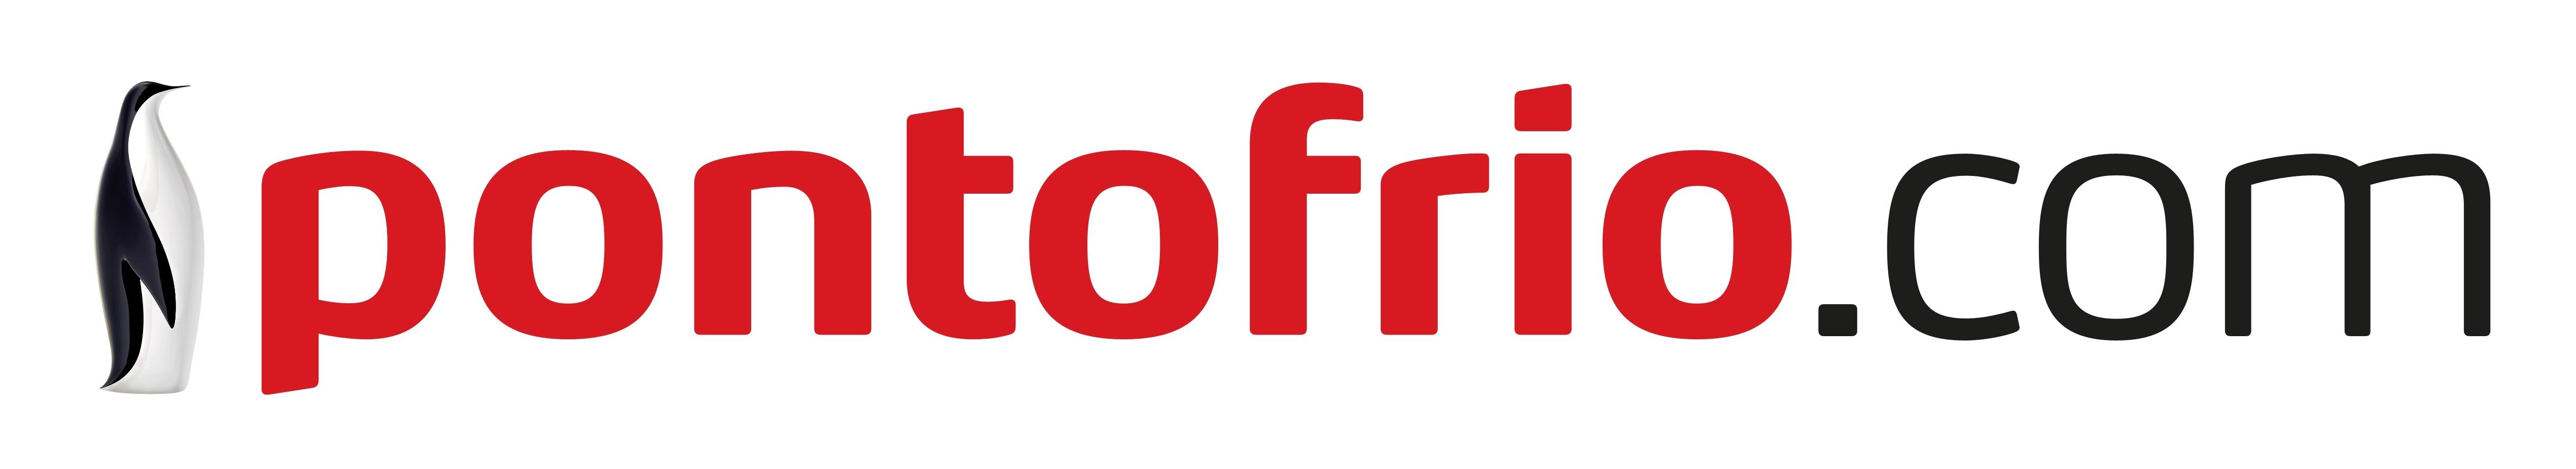 PontoFrio.com logo